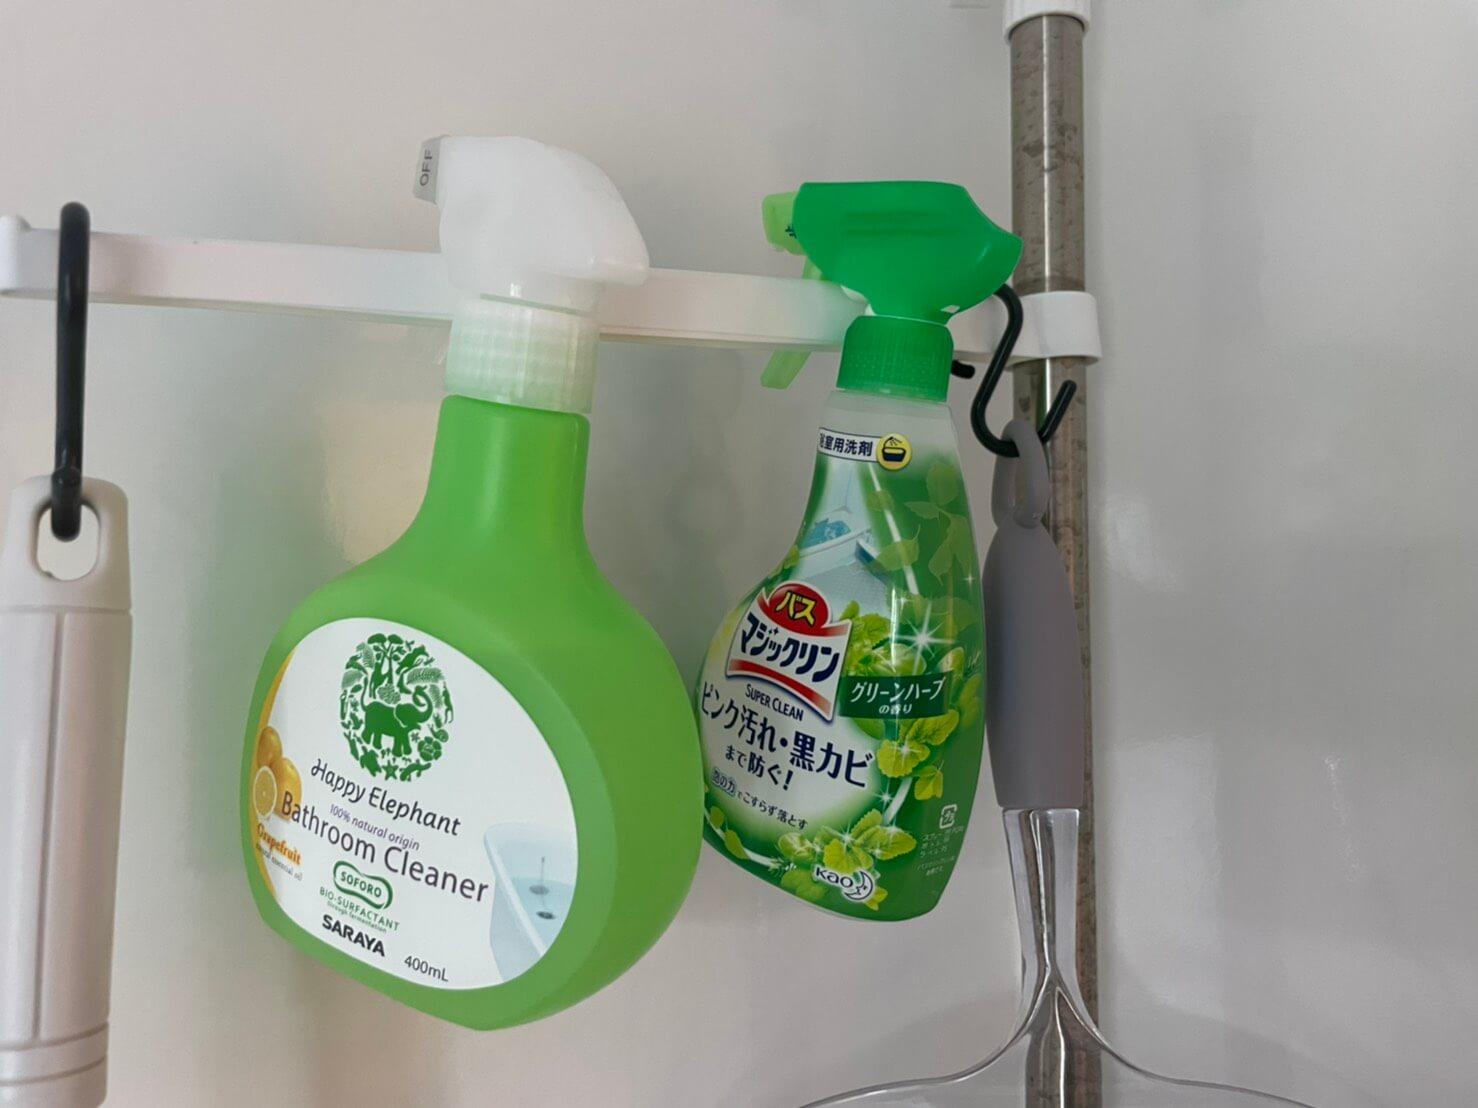 お風呂掃除洗剤